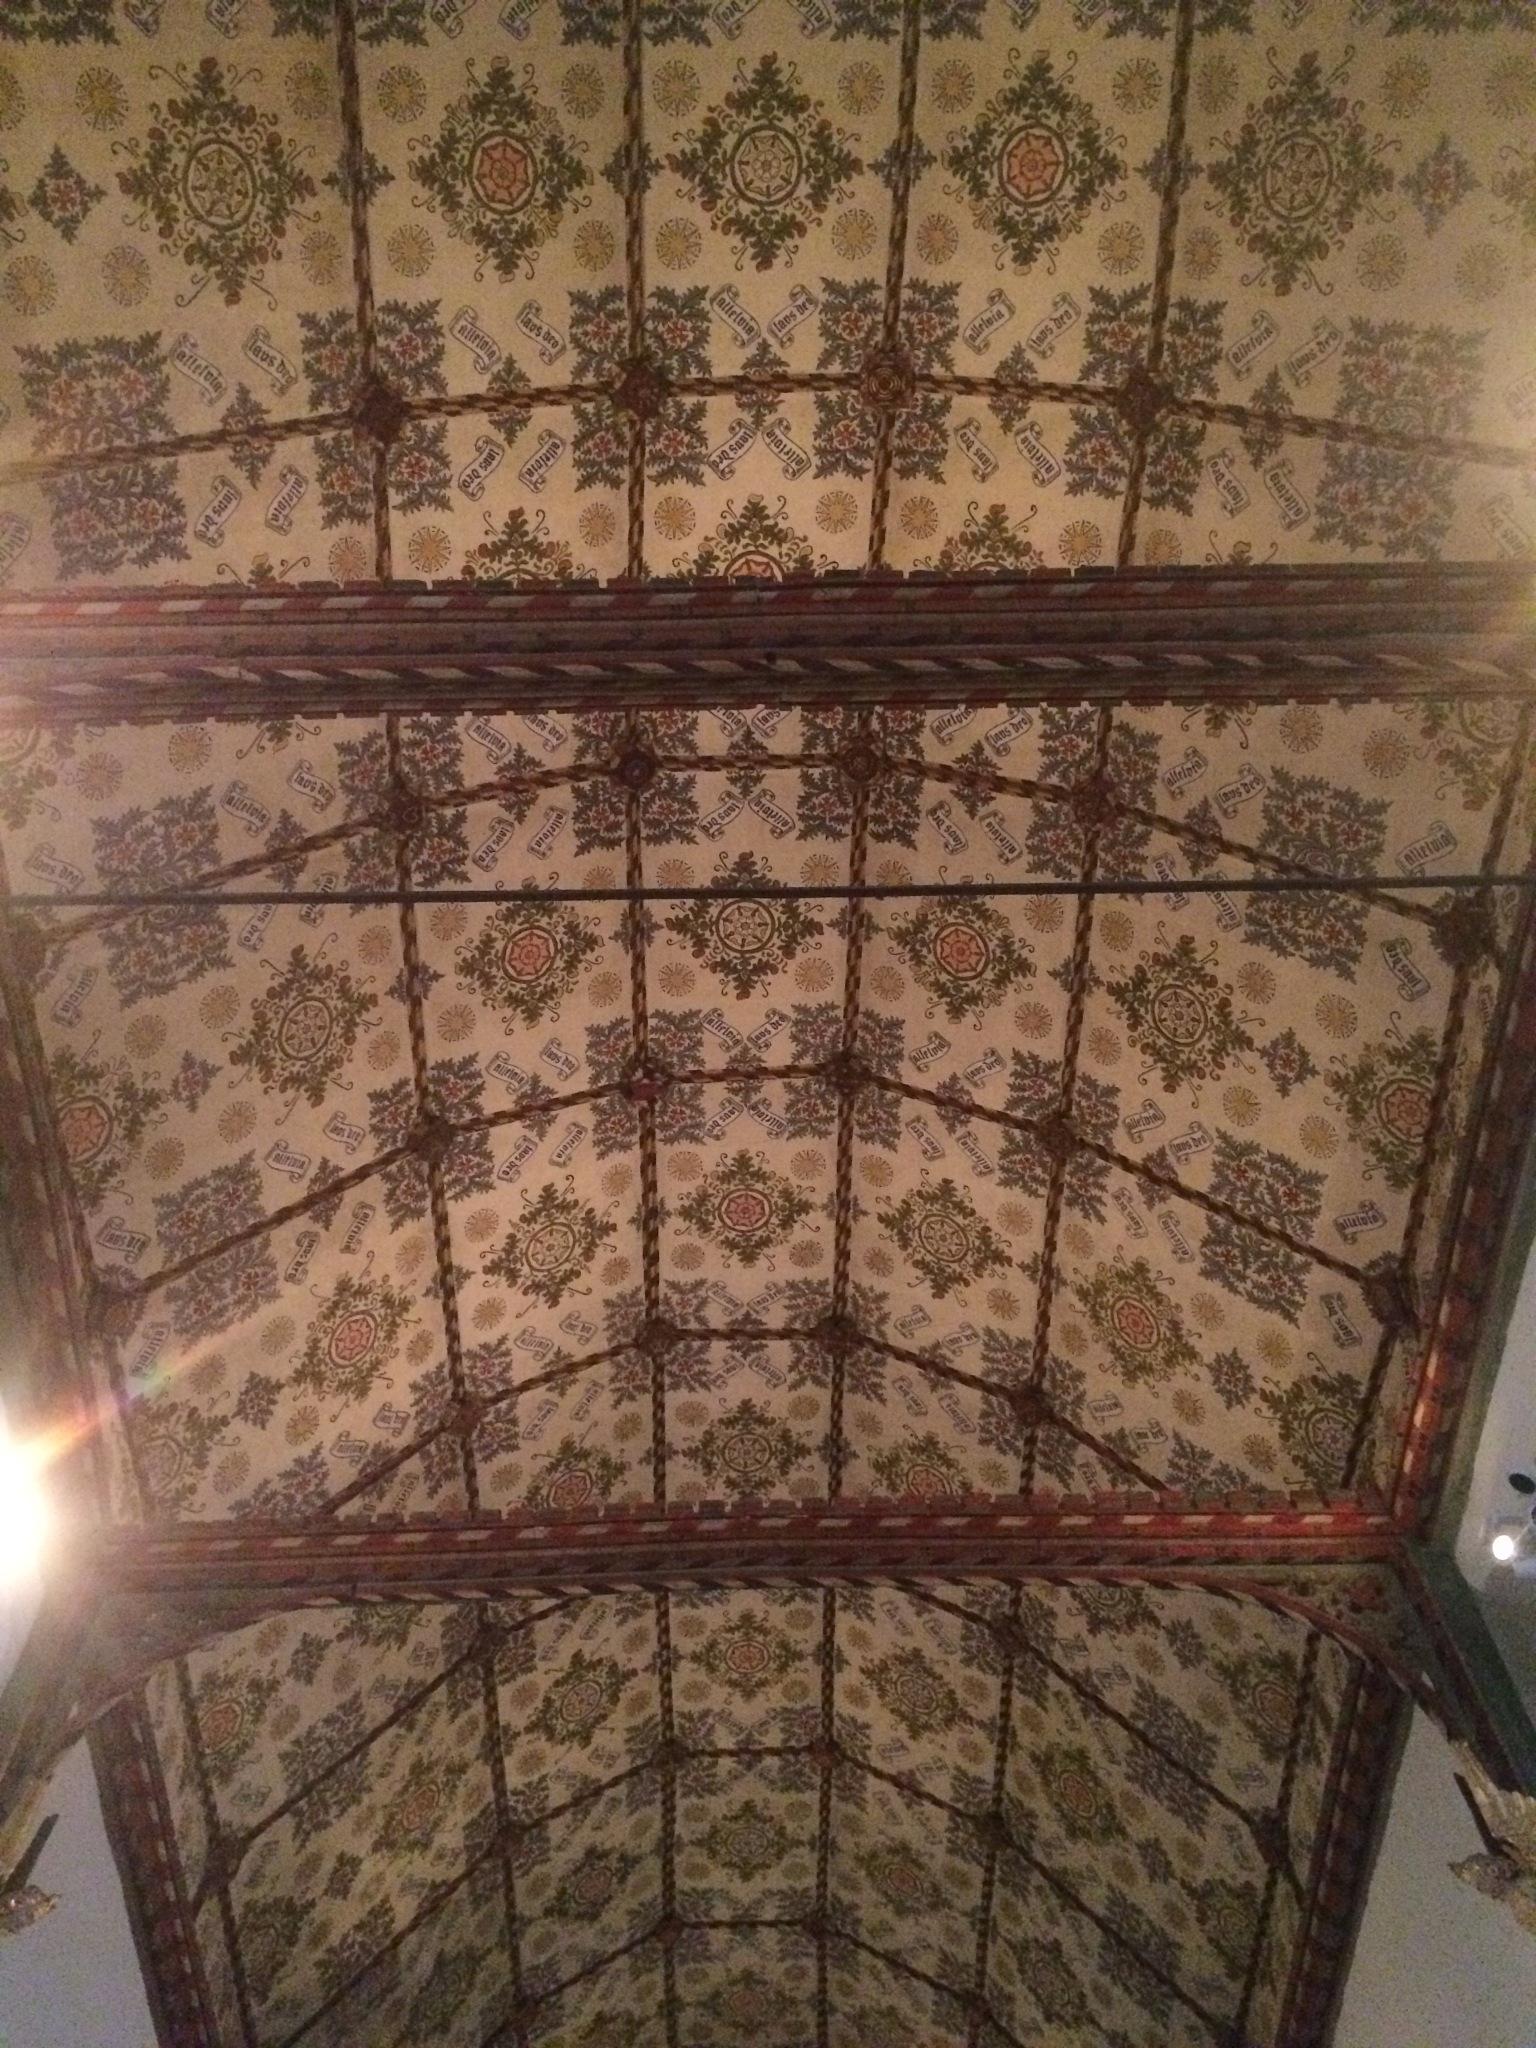 Church Ceiling  by HelenaM